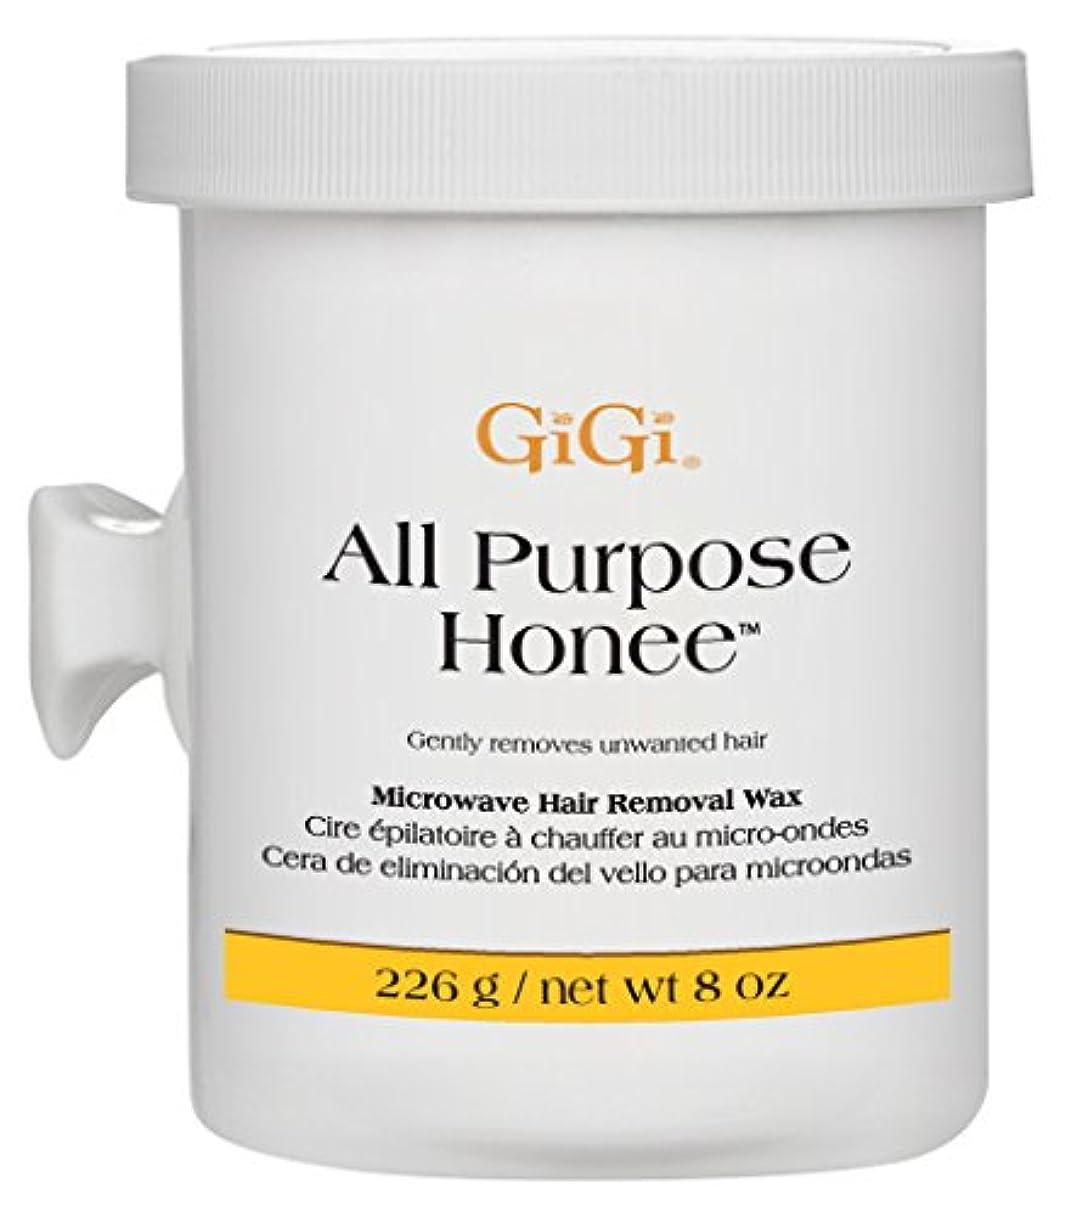 合併かまど充実(3 Pack) GIGI All Purpose Honee Microwave - GG0365 (並行輸入品)